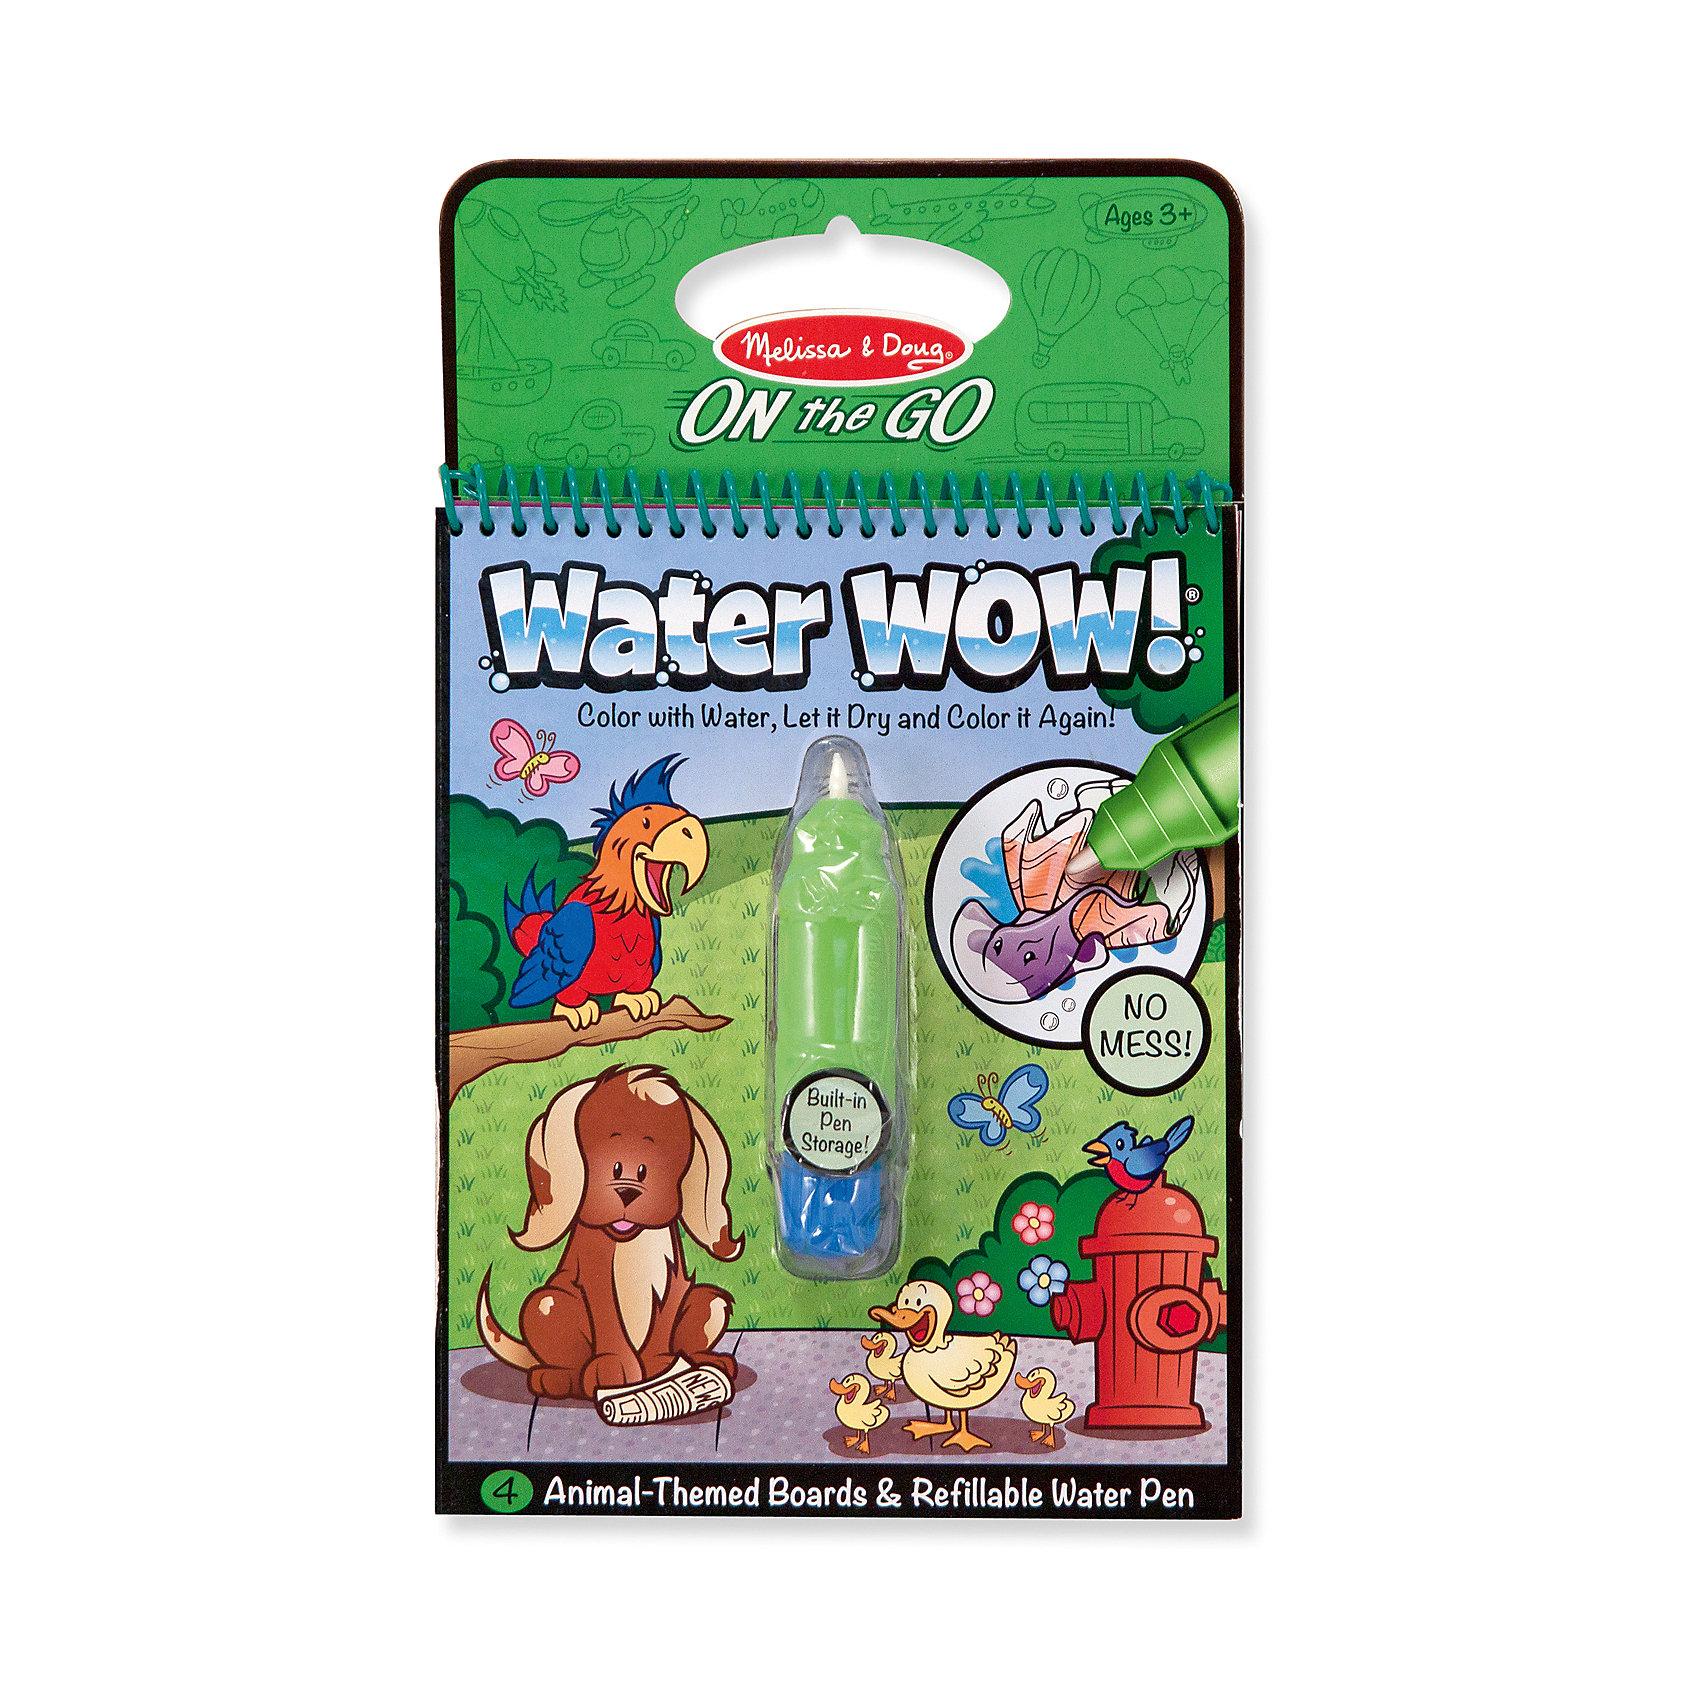 Рисуем водой ЖивотныеРисование<br>Думаете, как порадовать ребенка? Такой набор для рисования водой - это отличный вариант подарка ребенку, который одновременно и развлечет малыша, и позволит ему развивать важные навыки. Такой вариант раскрашивания способствует развитию у малышей мелкой моторики, цветовосприятия, художественного вкуса, внимания и воображения. <br>Набор состоит из черно-белых рисунков, по которым достаточно провести мокрой кистью, чтобы они стали цветными. Но делать это нужно аккуратно. Набор отличается удобной упаковкой, простотой использования и отличным качеством исполнения. <br><br>Дополнительная информация:<br><br>комплектация: ручка с водой, книжка;<br>размер: 250 х 150 х 30 мм;<br>текст на английском.<br><br>Издание Рисуем водой Животные от бренда Melissa&amp;Doug можно купить в нашем магазине.<br><br>Ширина мм: 150<br>Глубина мм: 30<br>Высота мм: 250<br>Вес г: 181<br>Возраст от месяцев: 36<br>Возраст до месяцев: 60<br>Пол: Унисекс<br>Возраст: Детский<br>SKU: 4993679